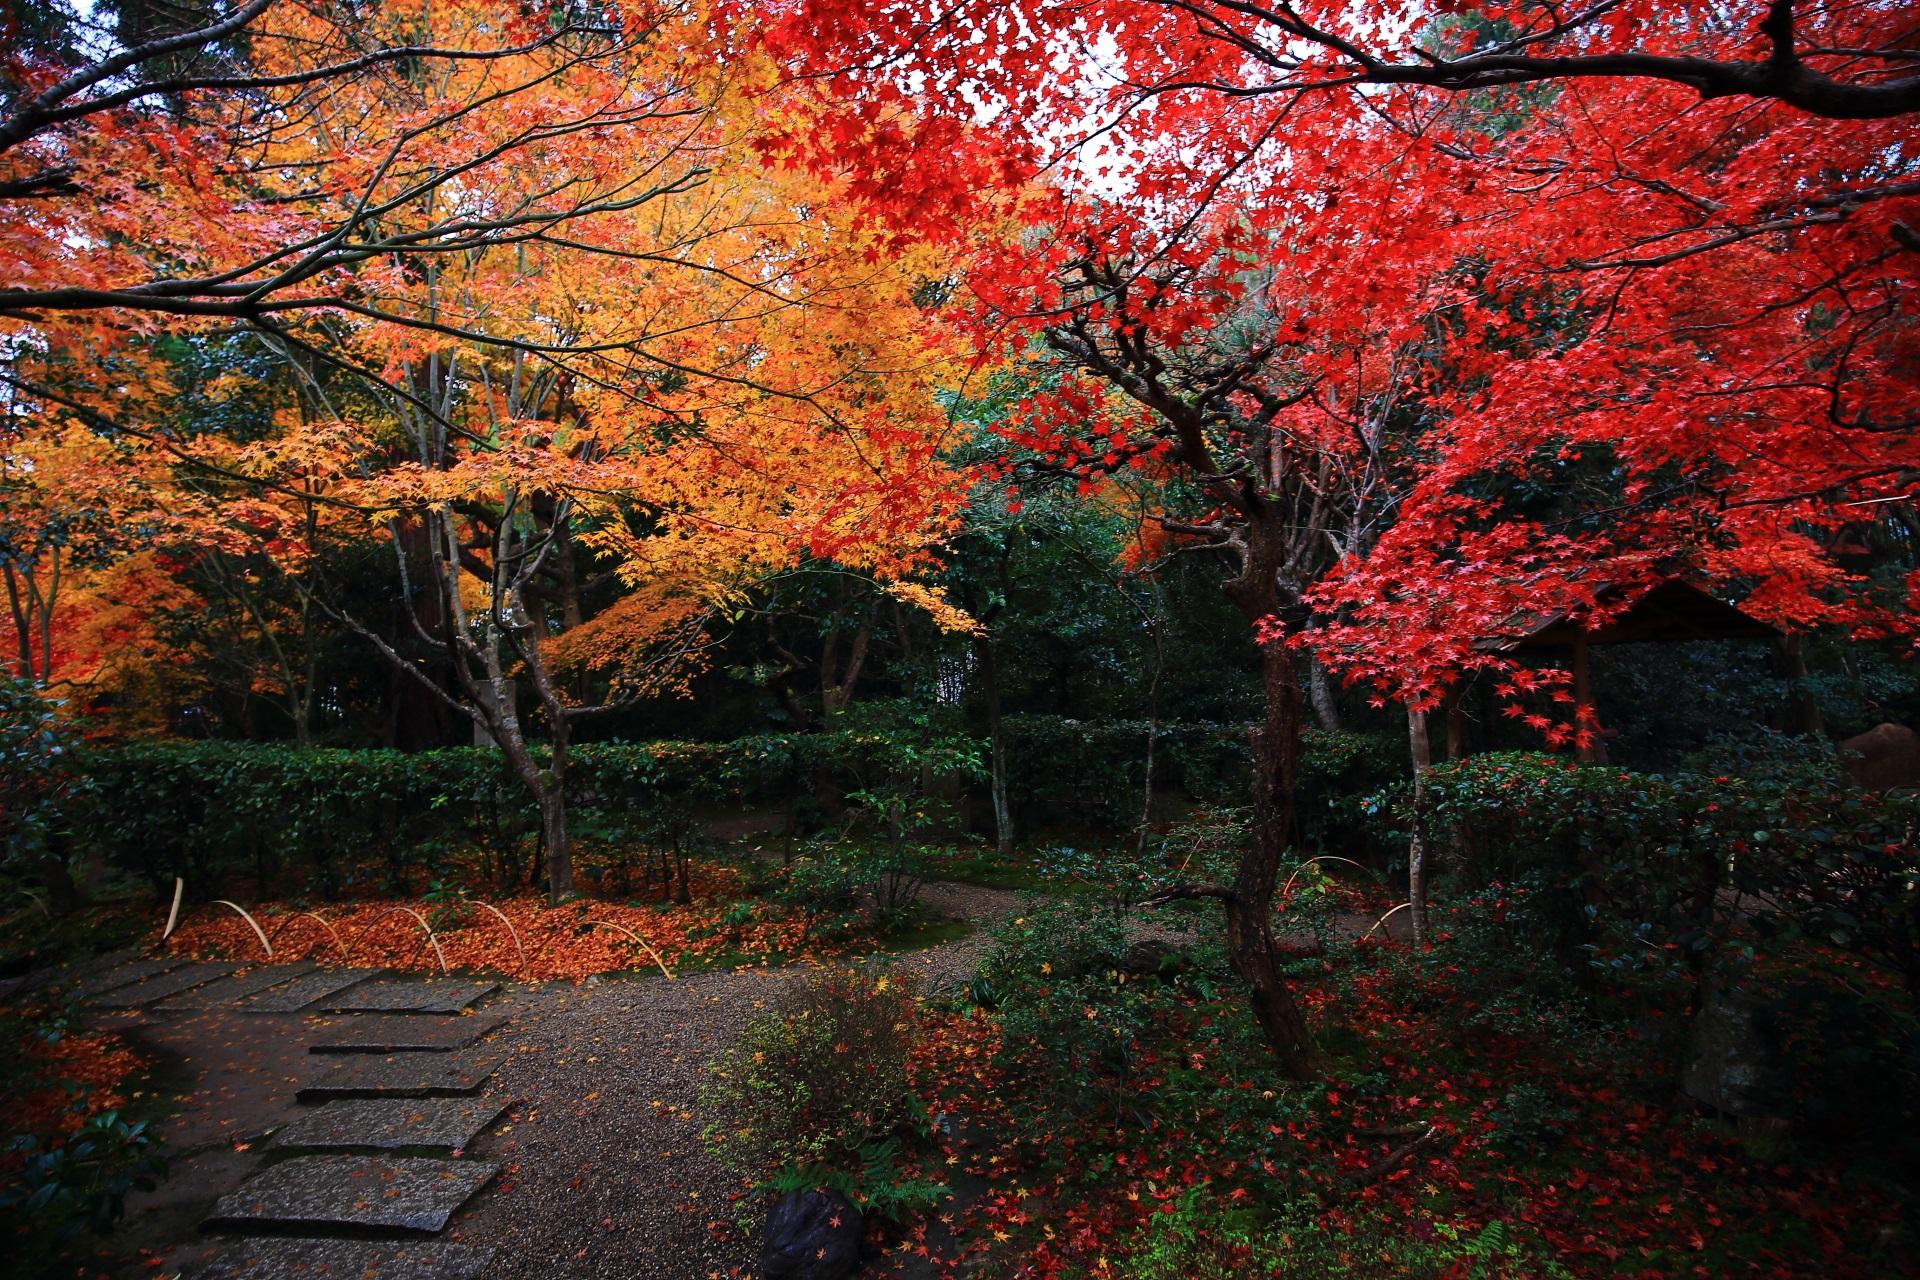 至るところにできている多彩な秋色の空間